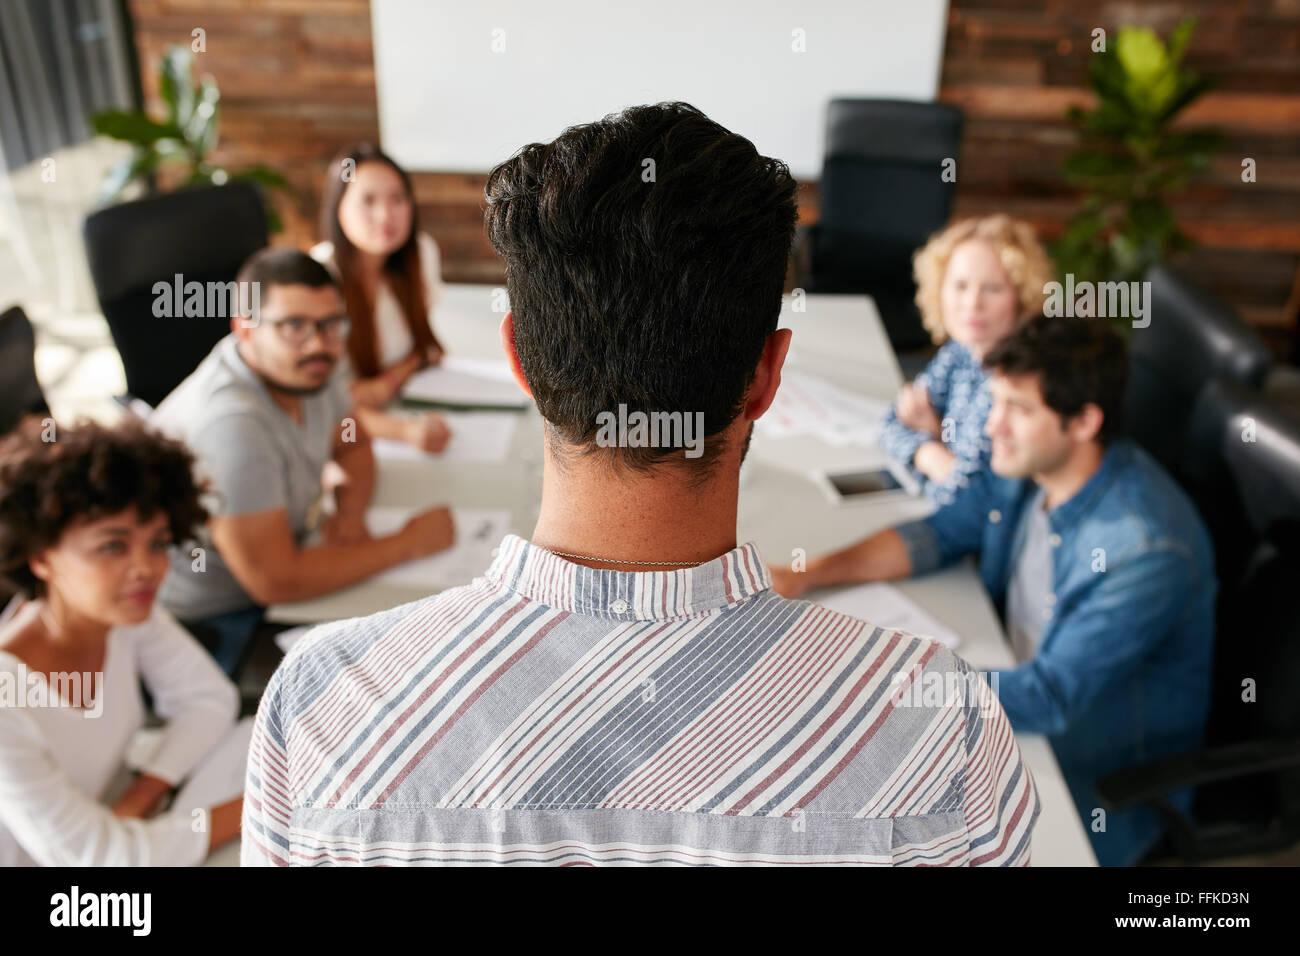 Rückseite Blick Portrait Mann Geschäftspräsentation Kolleginnen und Kollegen im Konferenzraum.  Die Stockbild